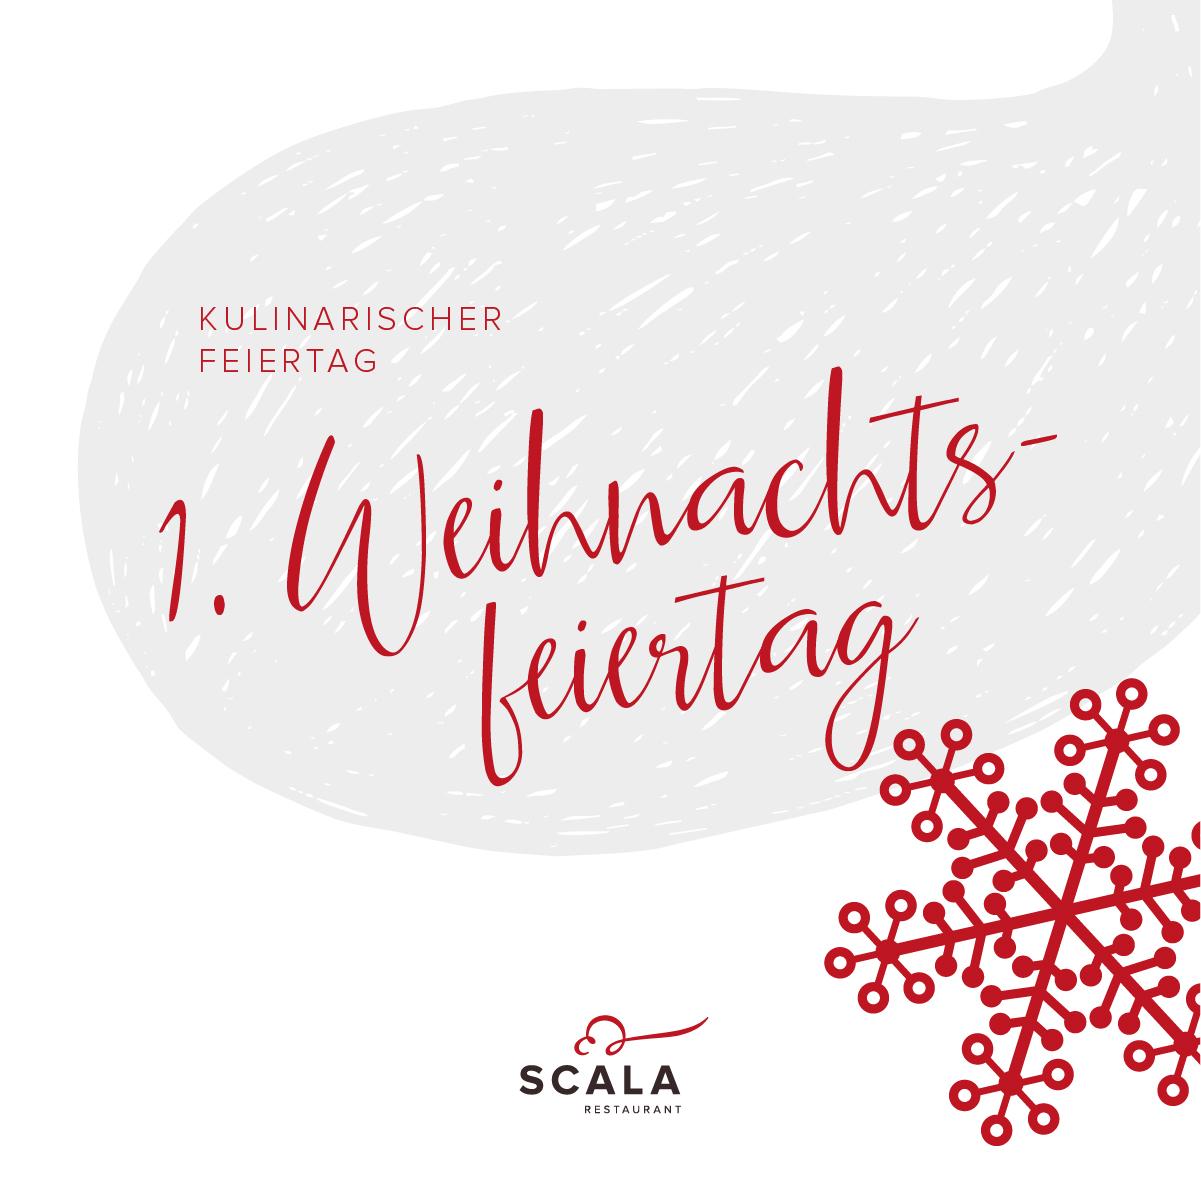 Weihnachtsessen 1 Weihnachtsfeiertag.Kulinarische Weihnachten 1 Weihnachtsfeiertag Hotel An Der Oper